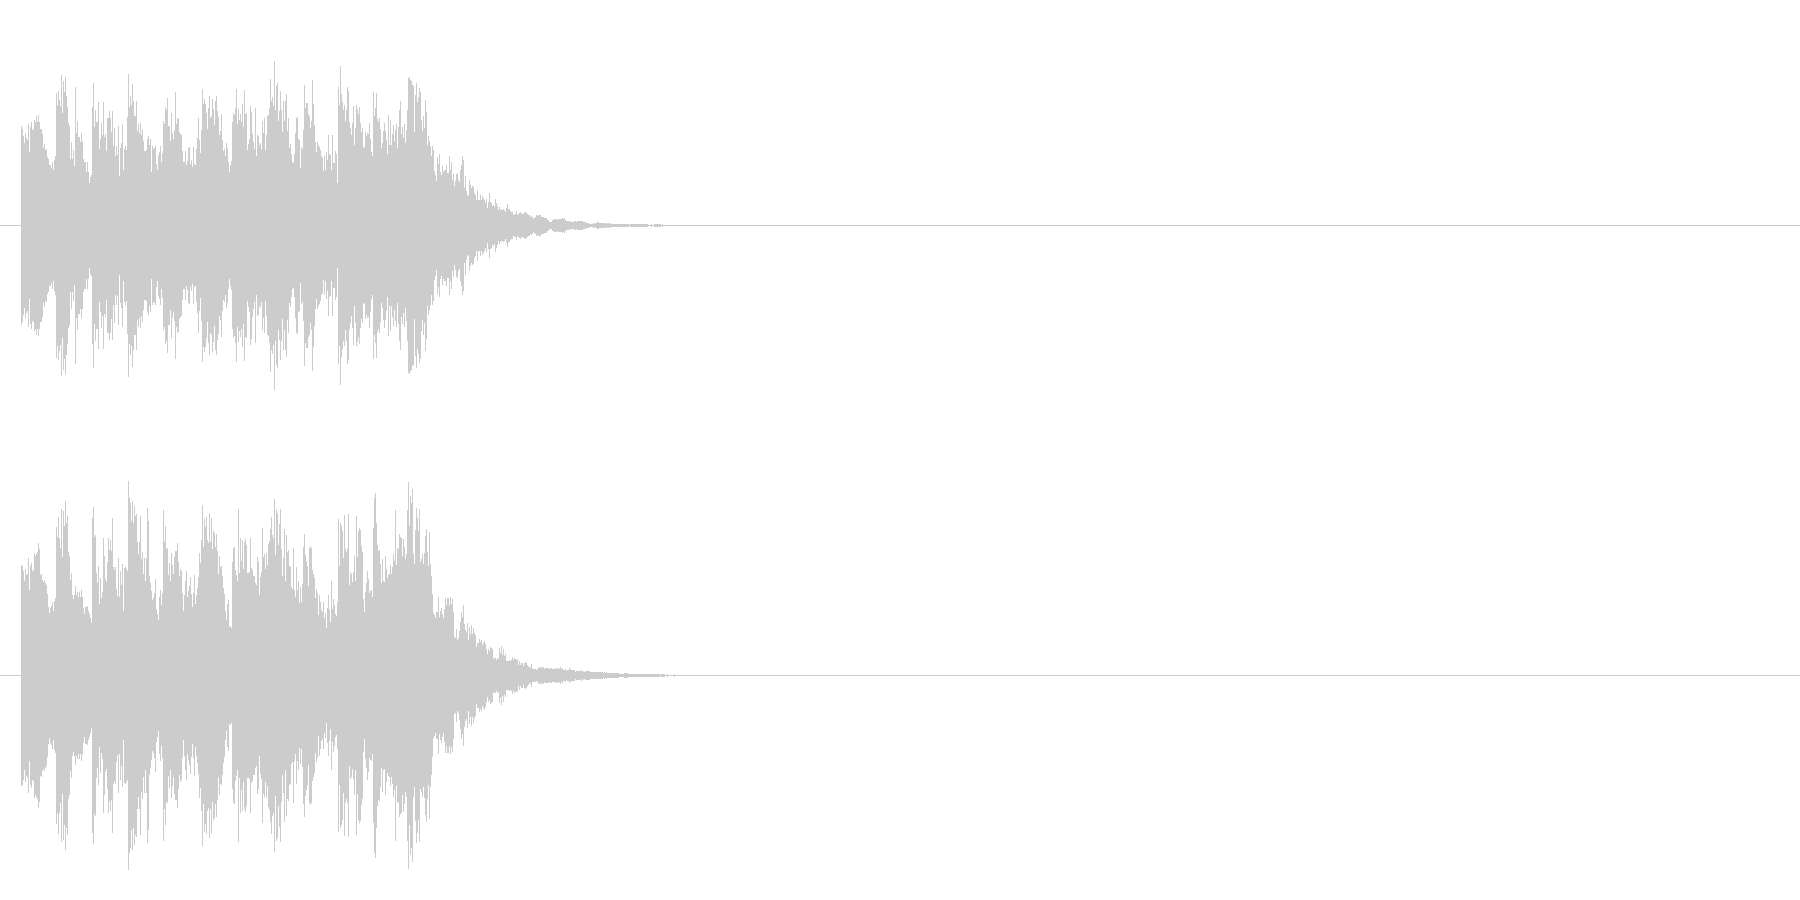 出題〜考え中のコミカルなジングルの未再生の波形